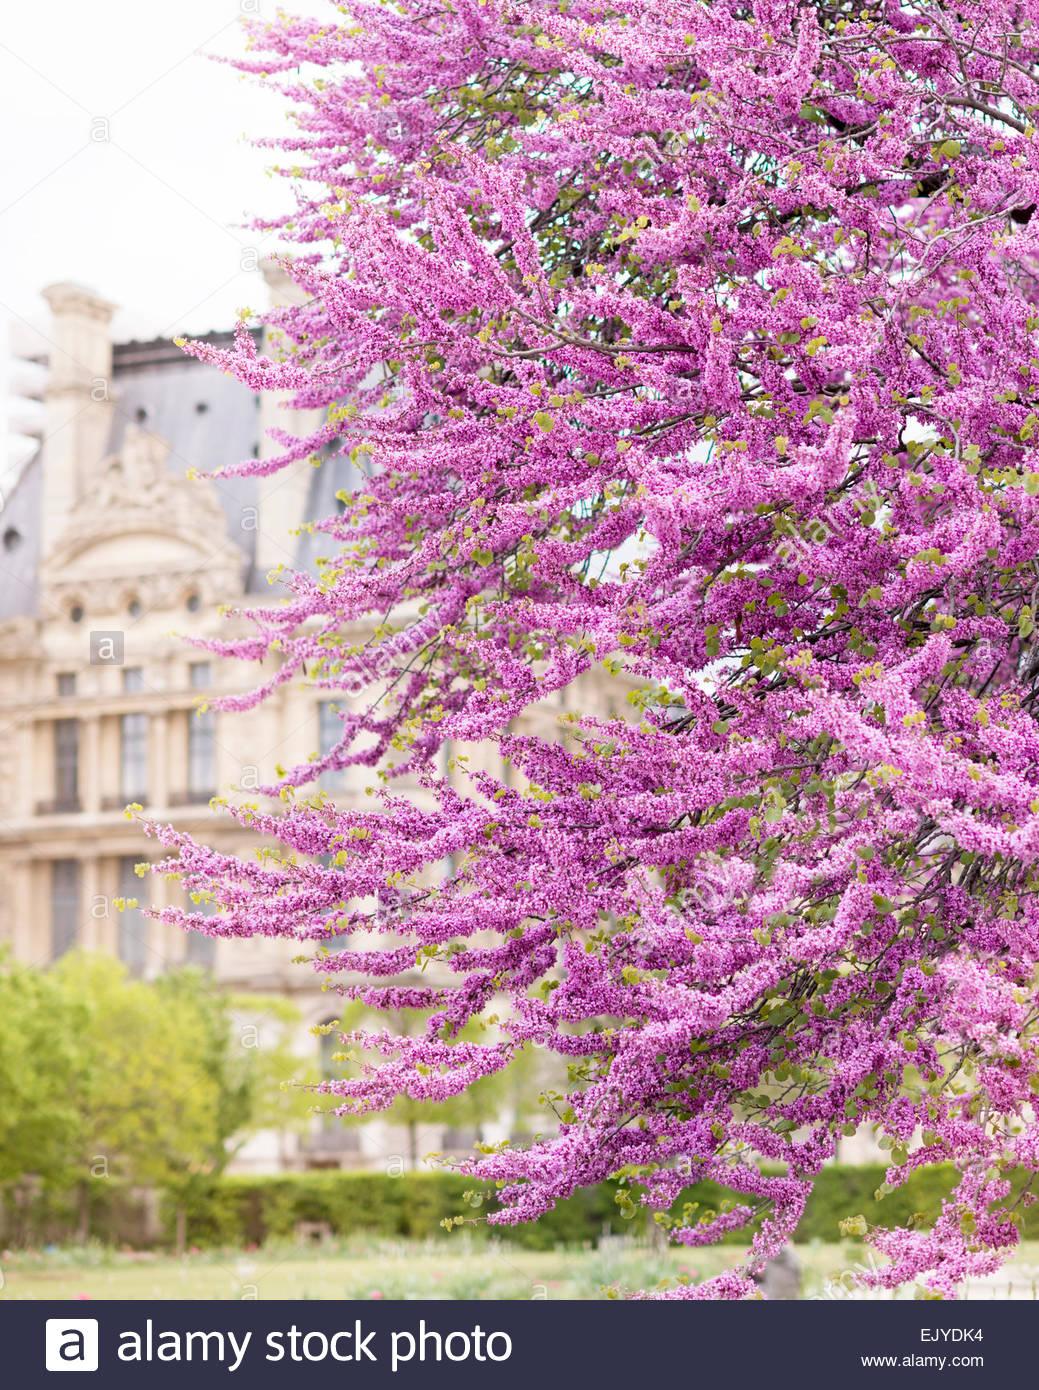 la floraison des arbres de criquets au printemps dans les jardins du louvre tuilieries avec en arriere plan paris france ejydk4